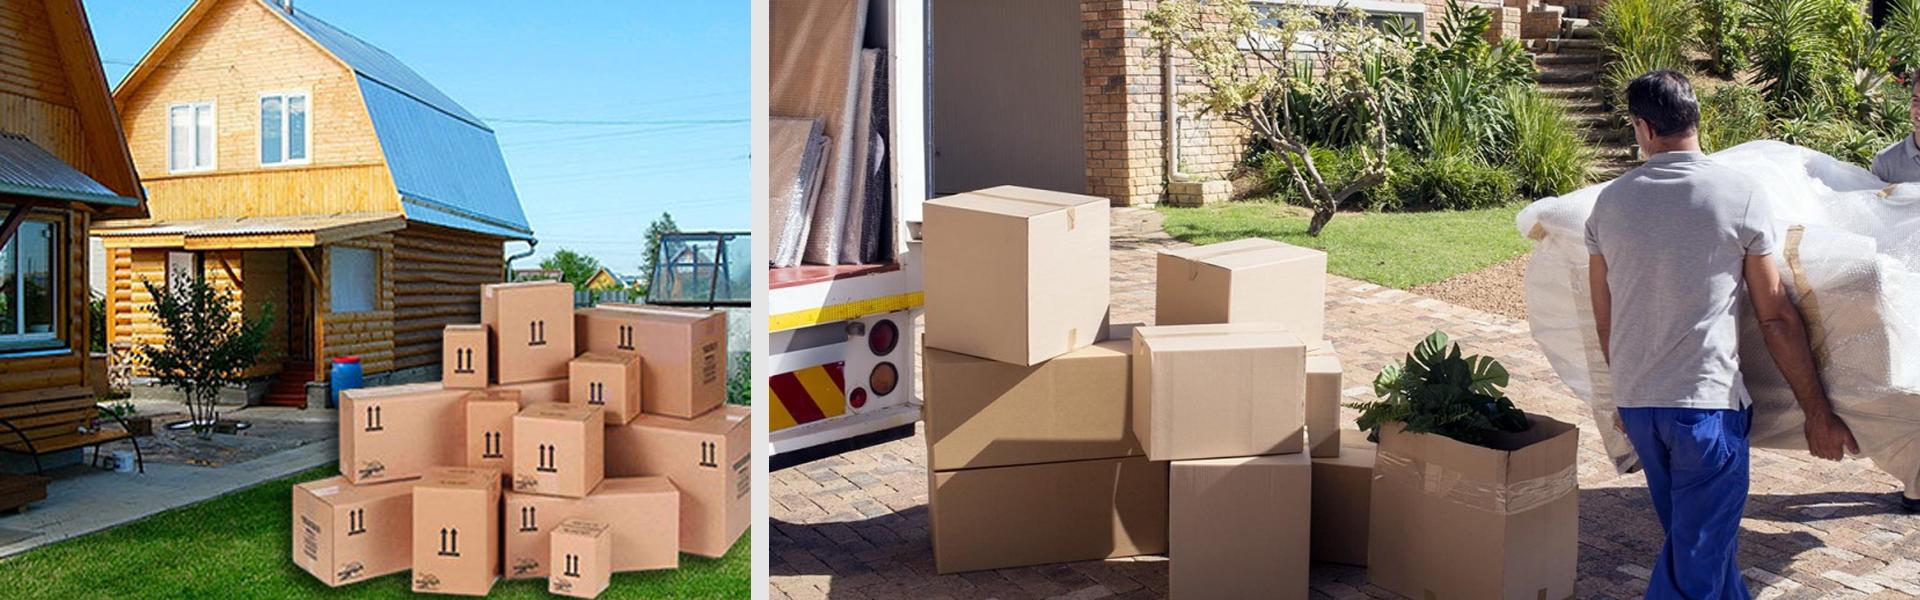 Дачный переезд: перевозка вещей на дачу